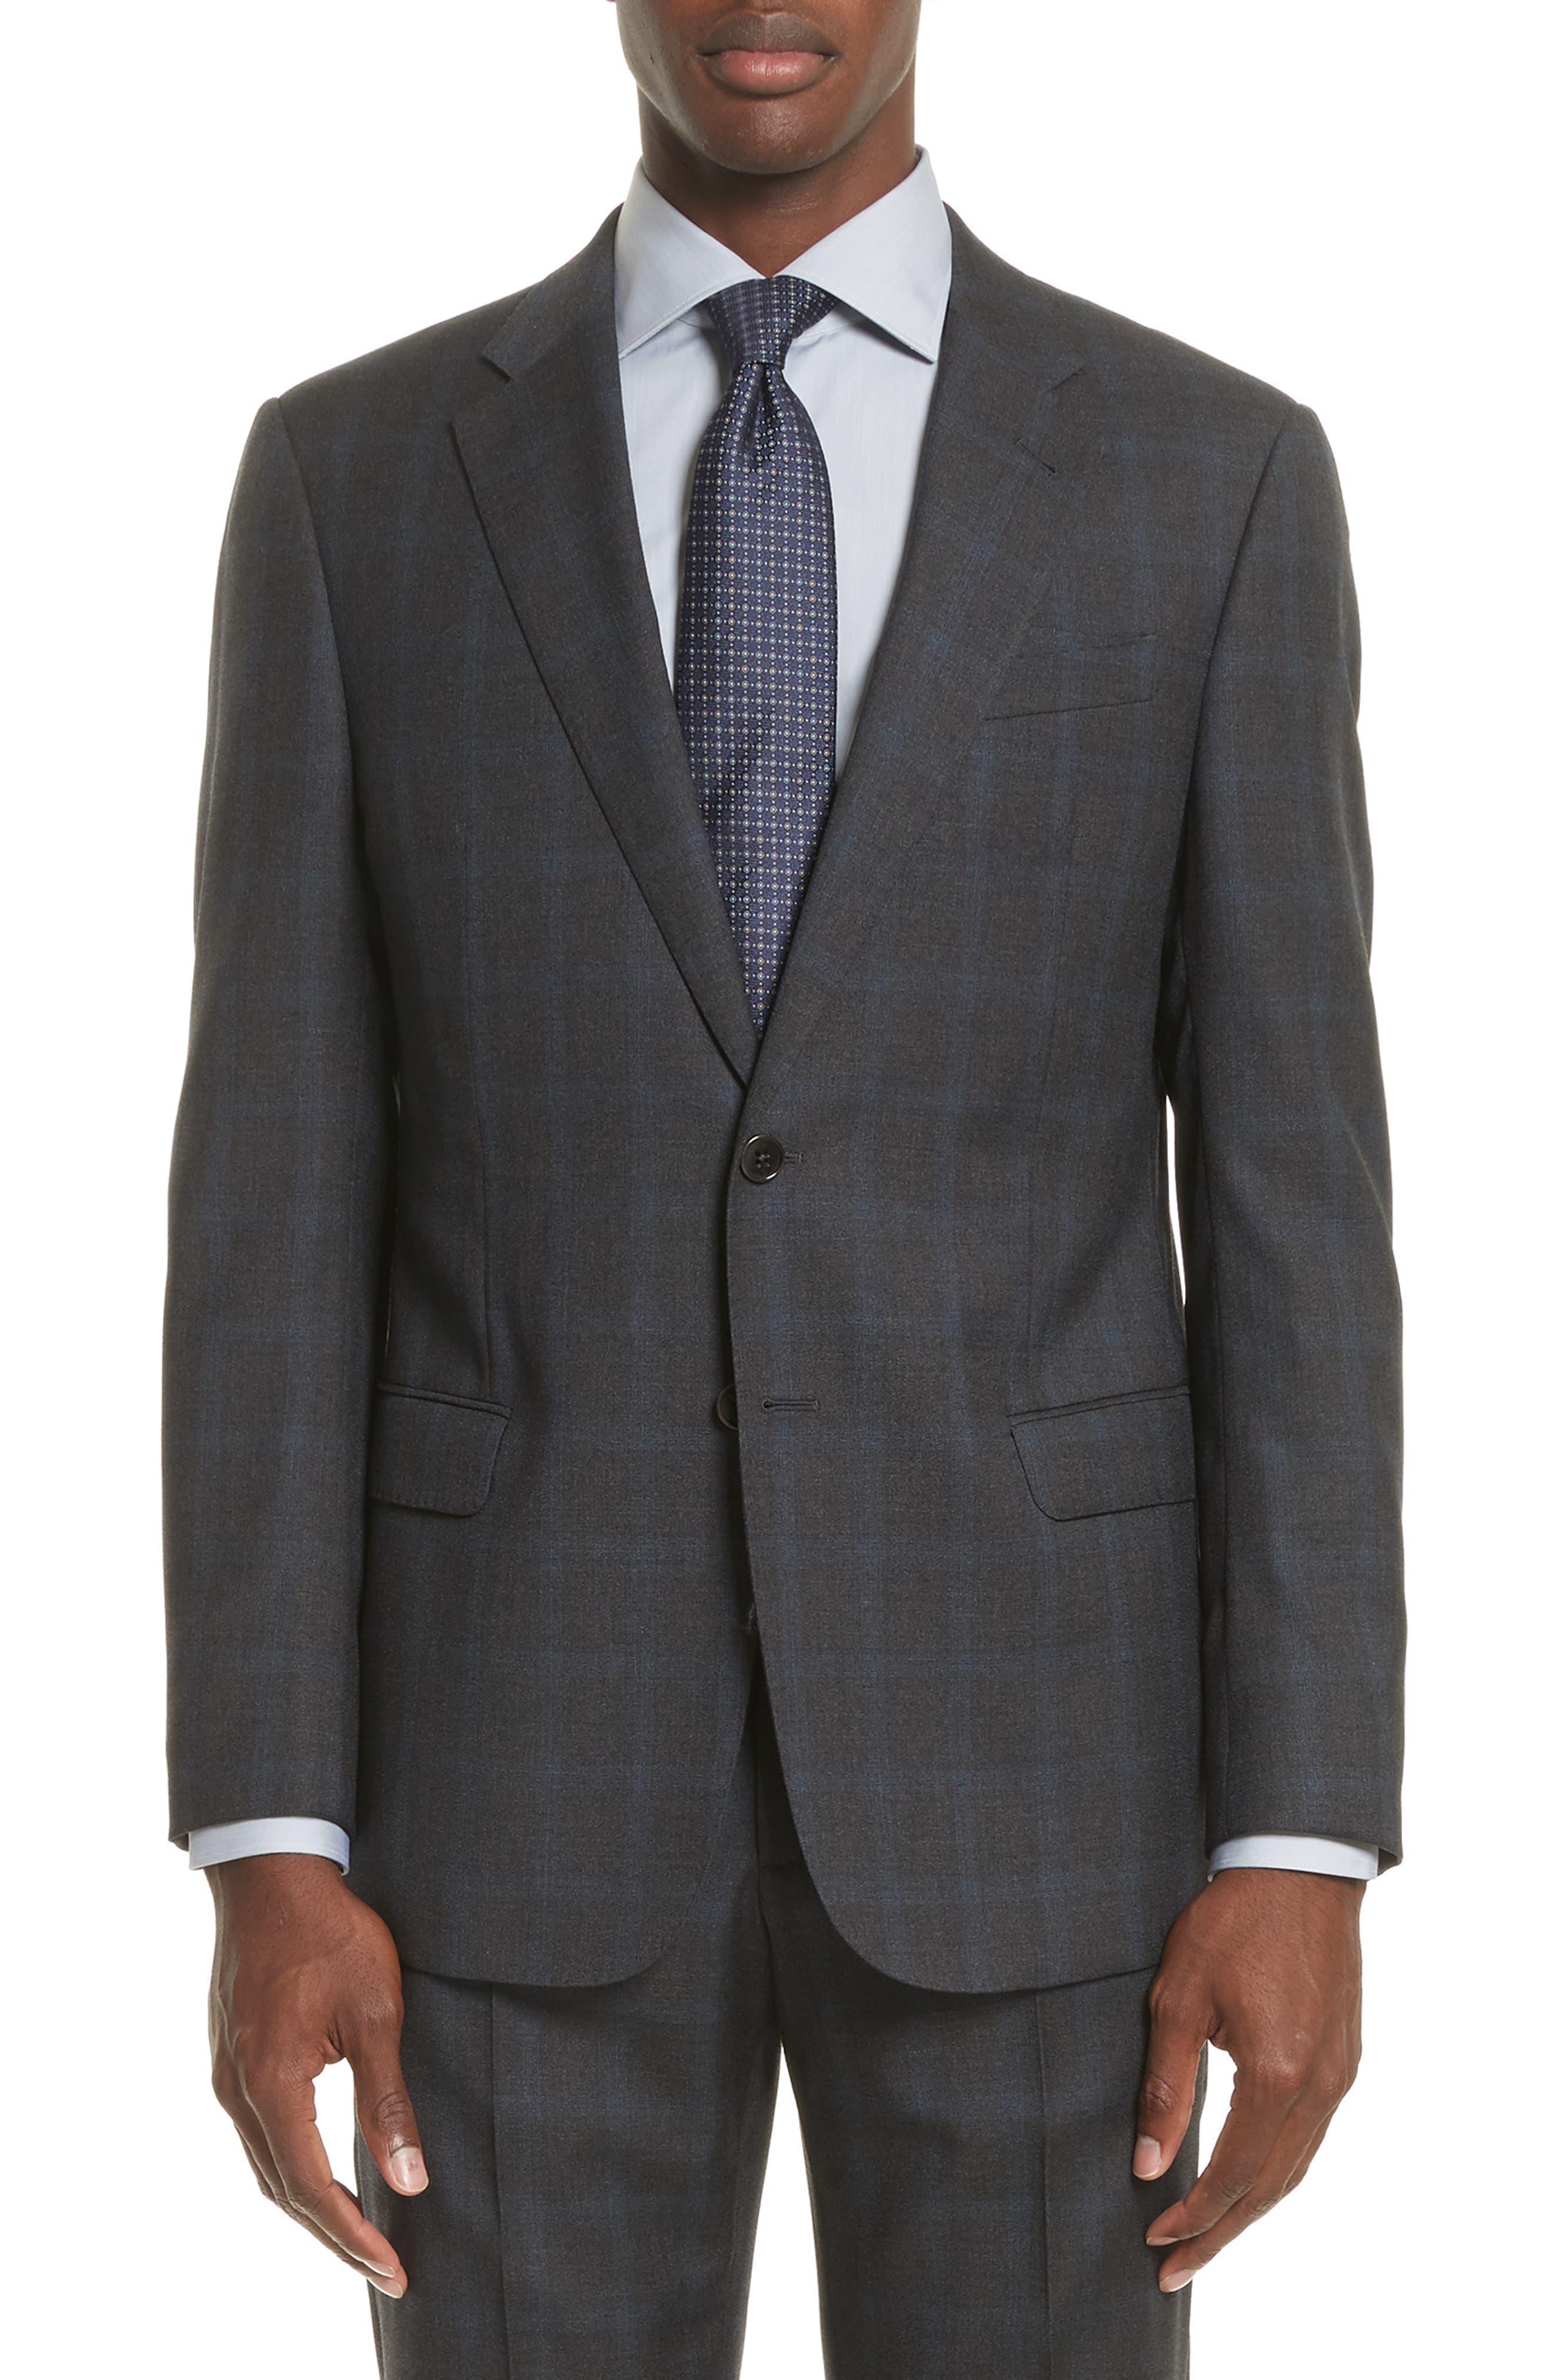 G-Line Trim Fit Plaid Wool Suit,                             Alternate thumbnail 5, color,                             Black